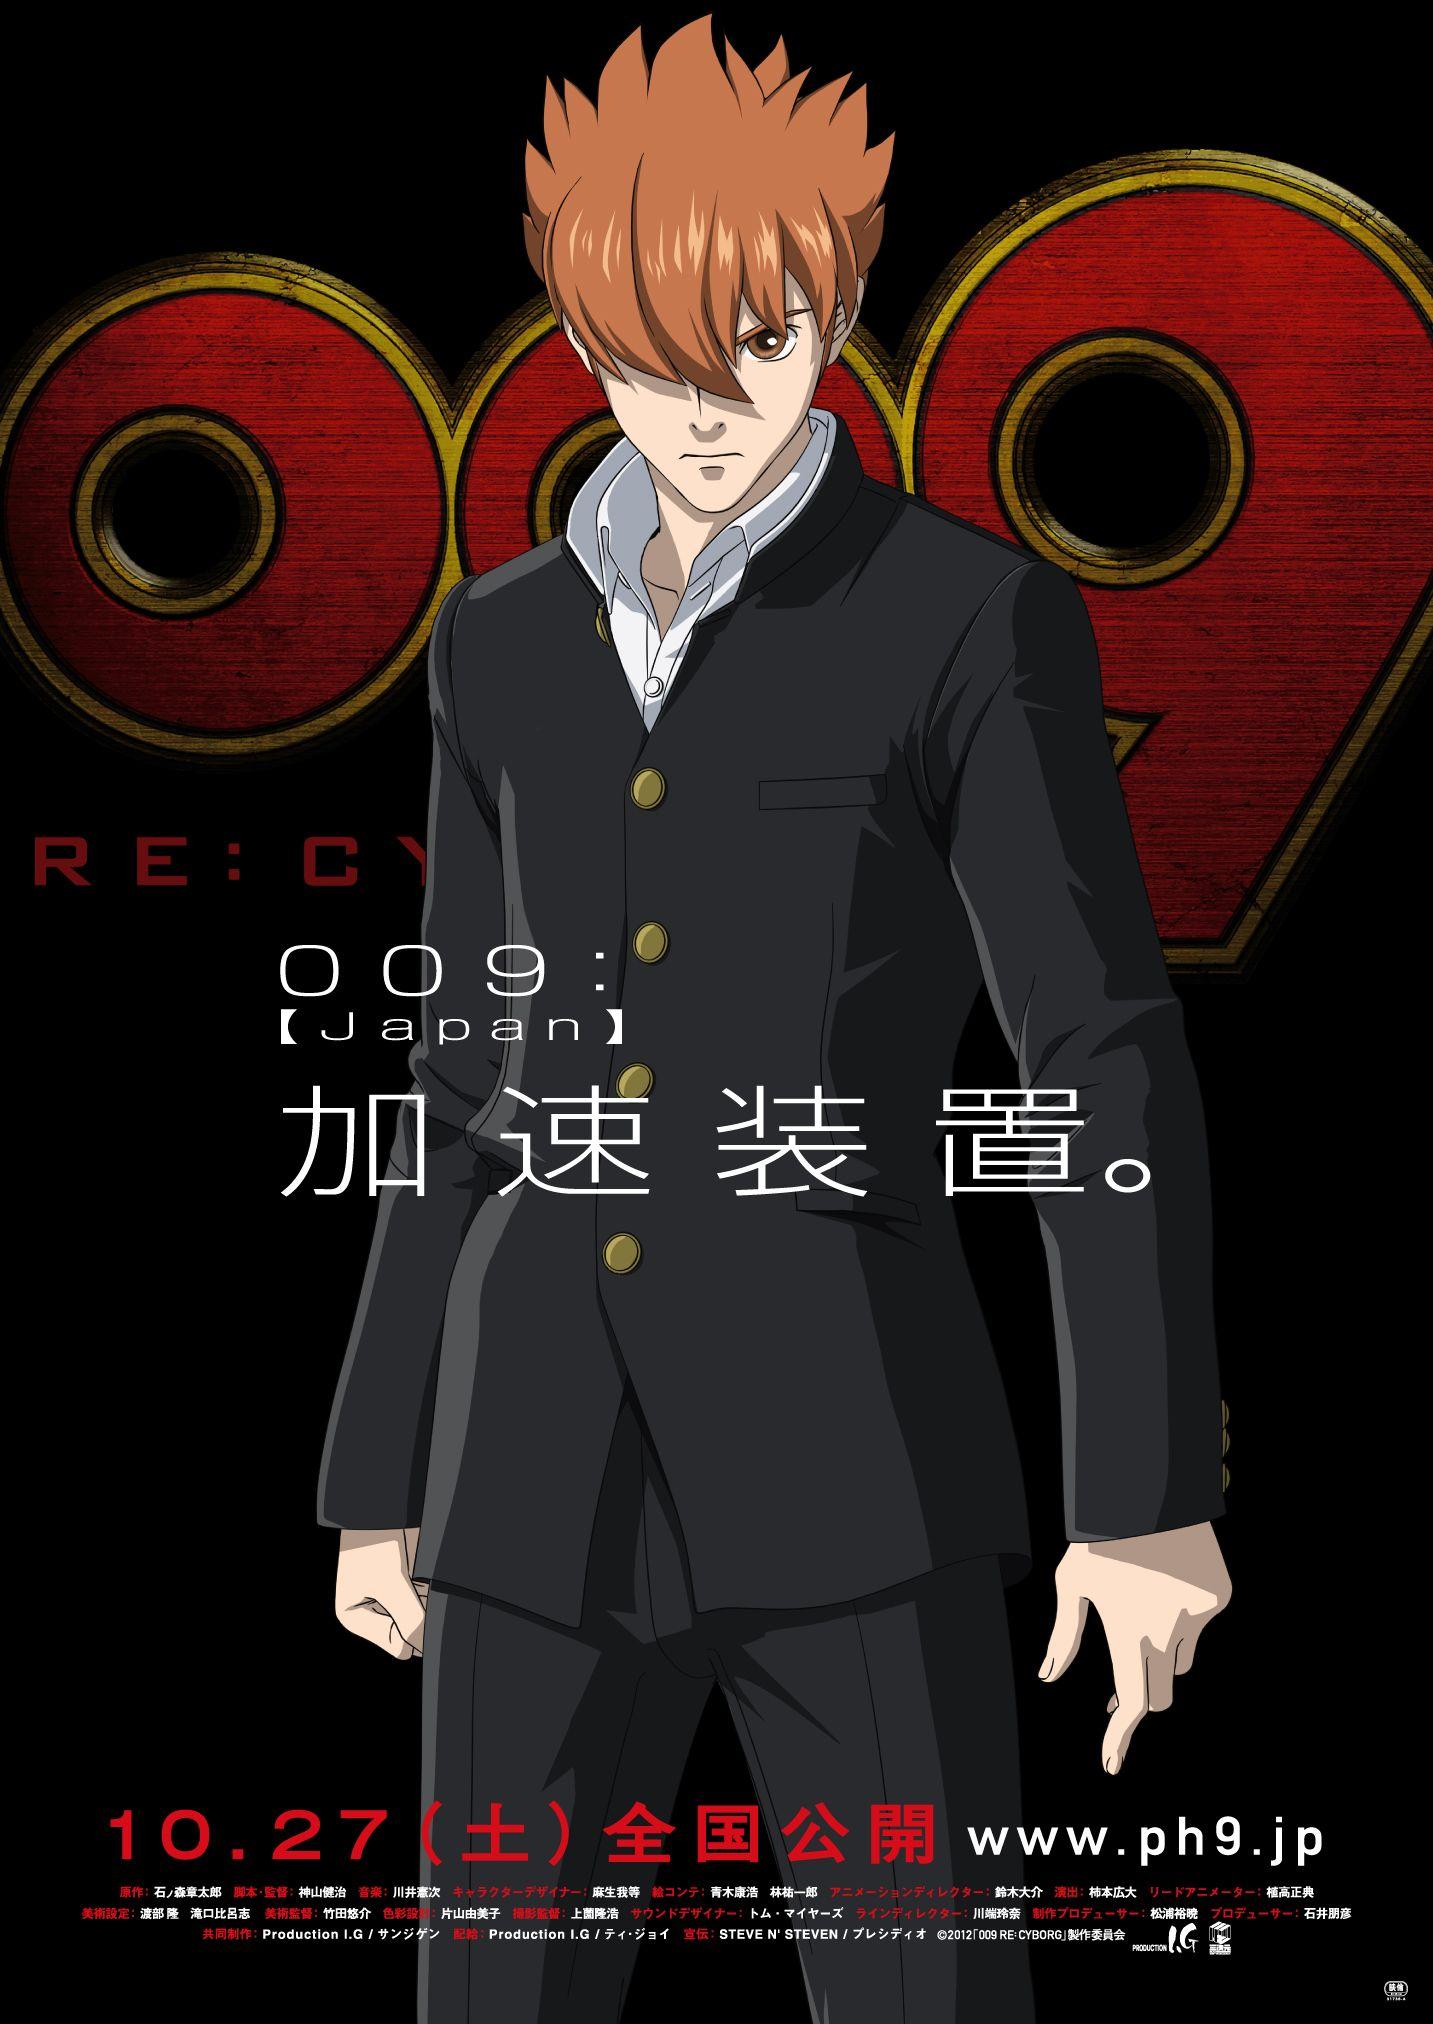 映画 009 Re Cyborg 009 島村ジョー Joe Shimamura C 009 Re